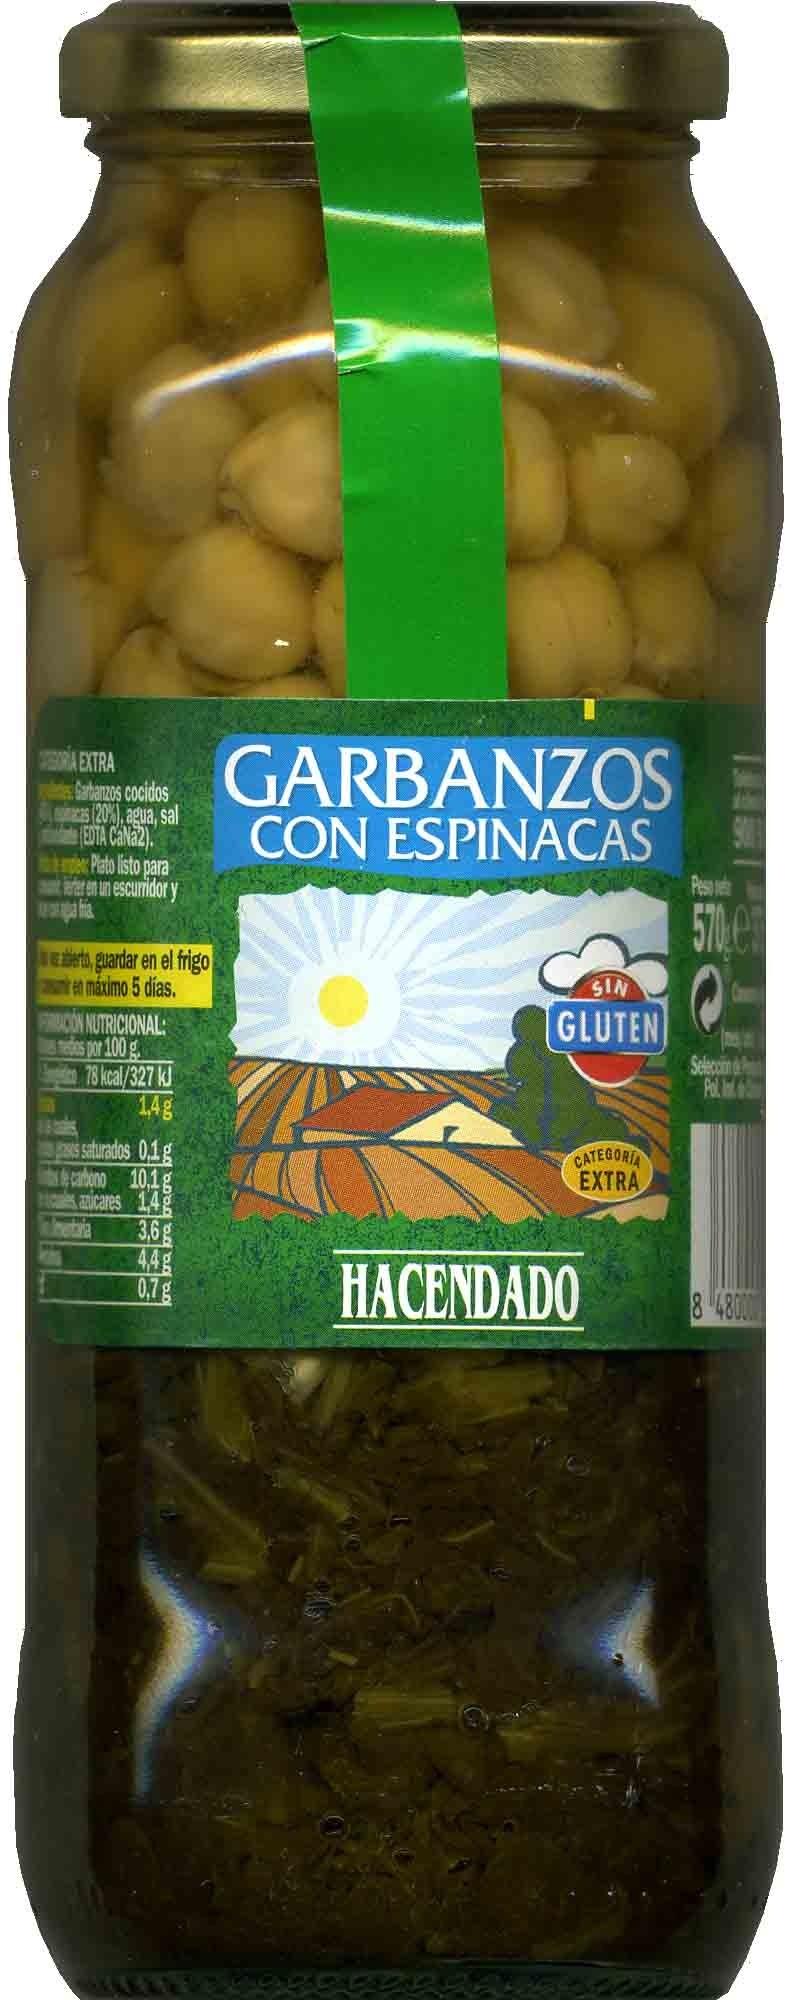 Garbanzos con espinacas - Producto - es